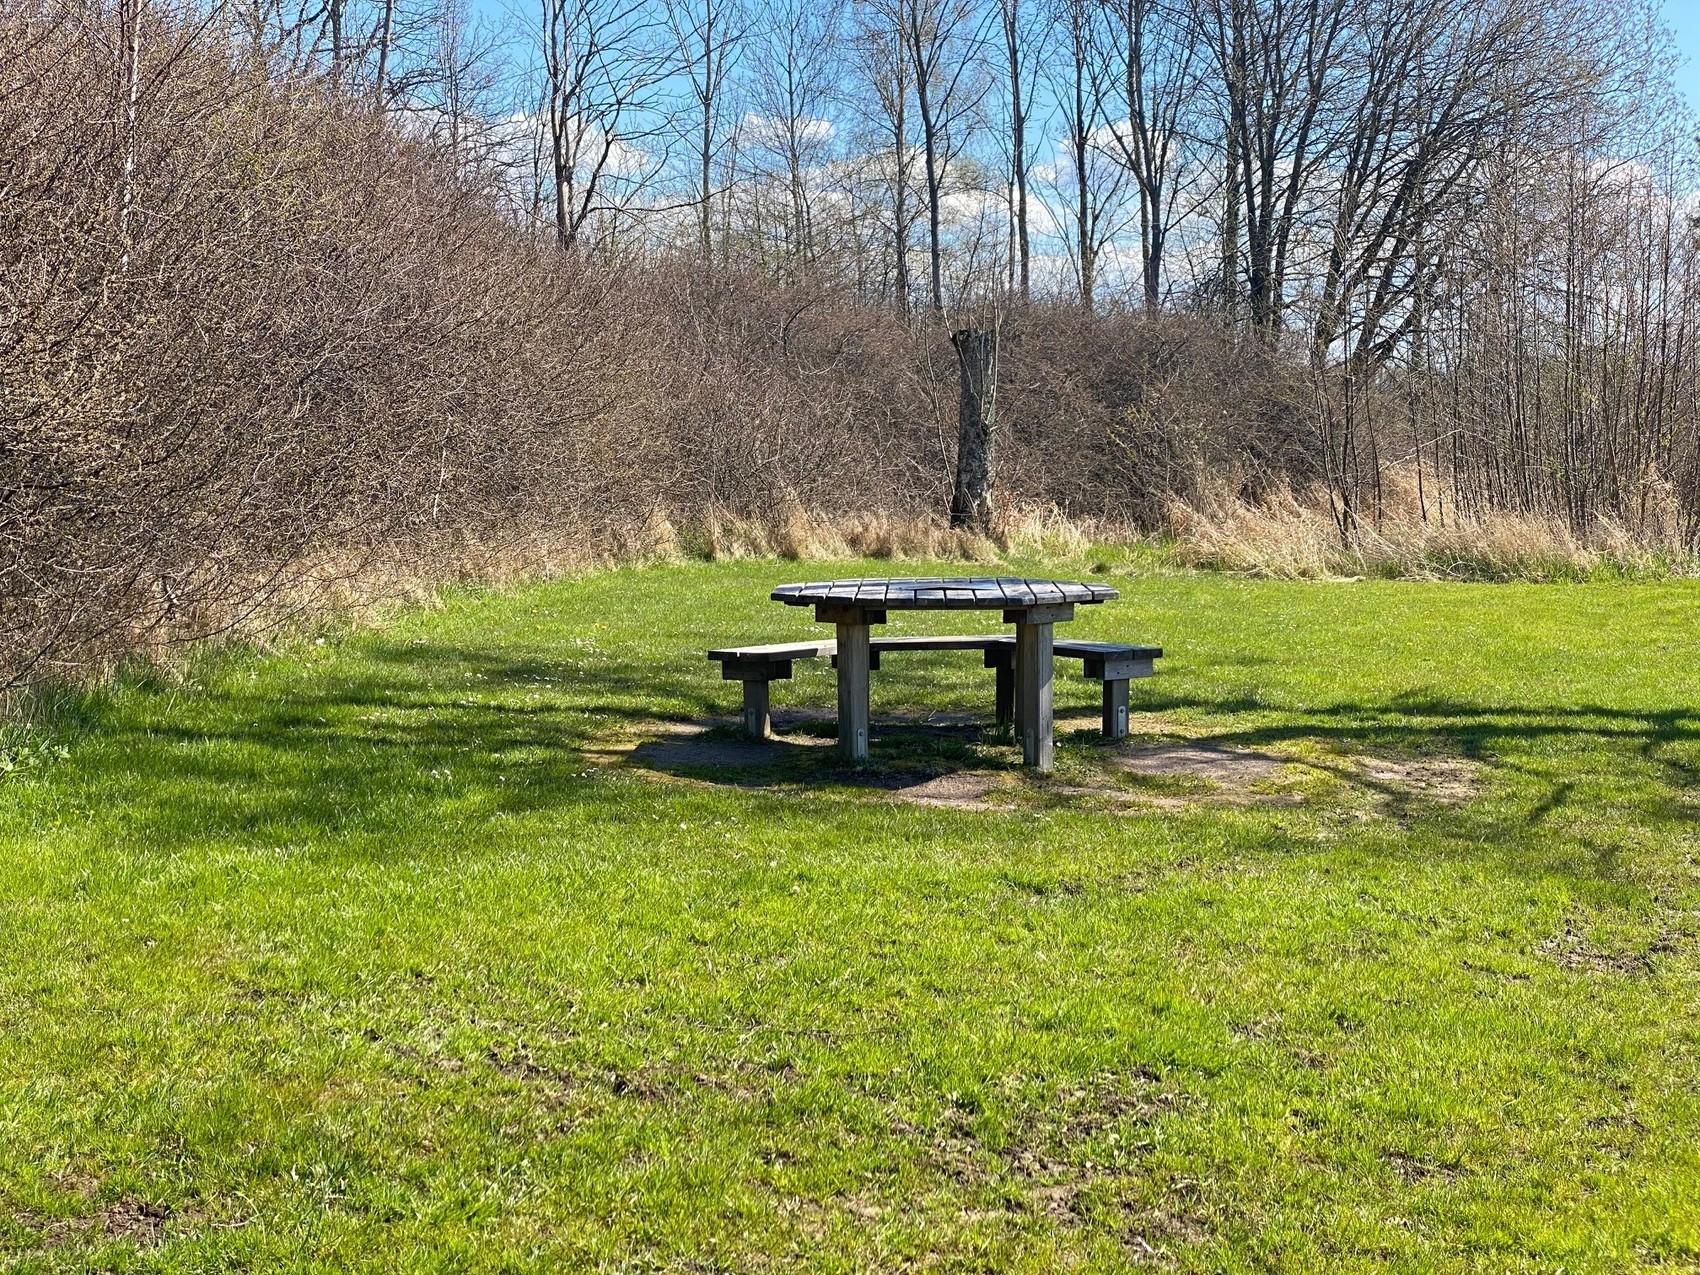 Picknickbord på gräsplan